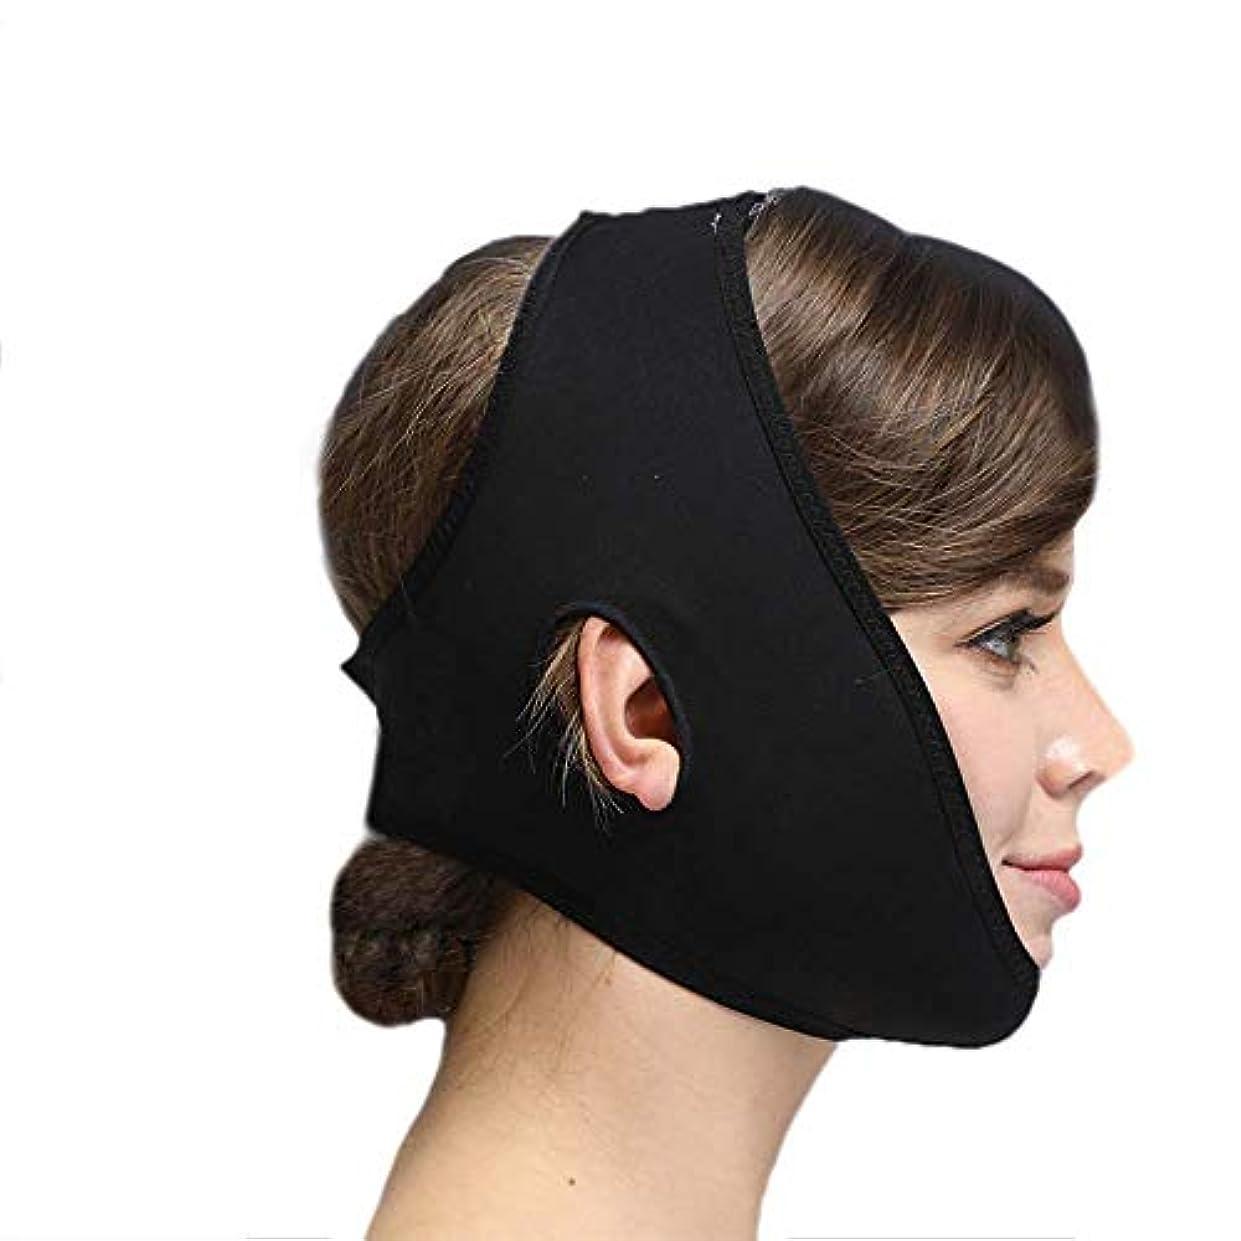 めまいがエステートスイス人フェイススリミングマスク、快適さと通気性、フェイシャルリフティング、輪郭の改善された硬さ、ファーミングとリフティングフェイス(カラー:ブラック、サイズ:XL),ブラック2、M